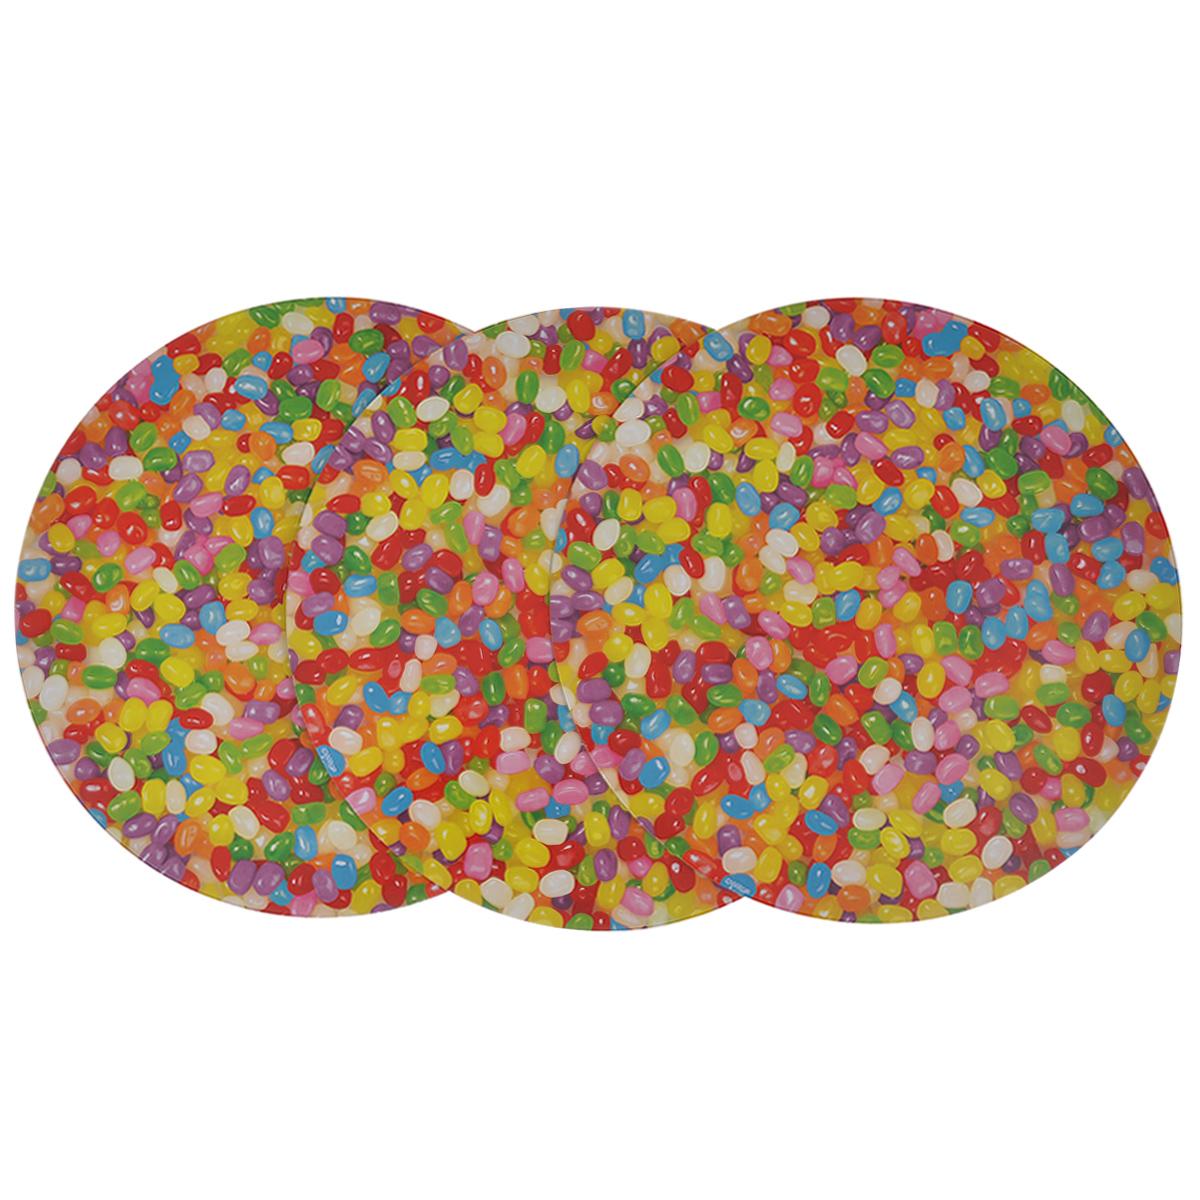 Основа для торта Wilton Веселая фасоль, диаметр 30 см, 3 штWLT-2104-7015Круглая основа для торта Wilton Веселая фасоль изготовлена из гофрированного картона с жиронепроницаемым покрытием, оформленным красочным принтом в виде разноцветных драже. Основа предназначена для круглого торта диаметром около 25 см или небольших праздничных угощений и закусок (например, пирожных, канапе). Основа удобна для работы, перекладывания коржей, хранения и переноски торта. В комплекте 3 основы. Диаметр: 30 см.